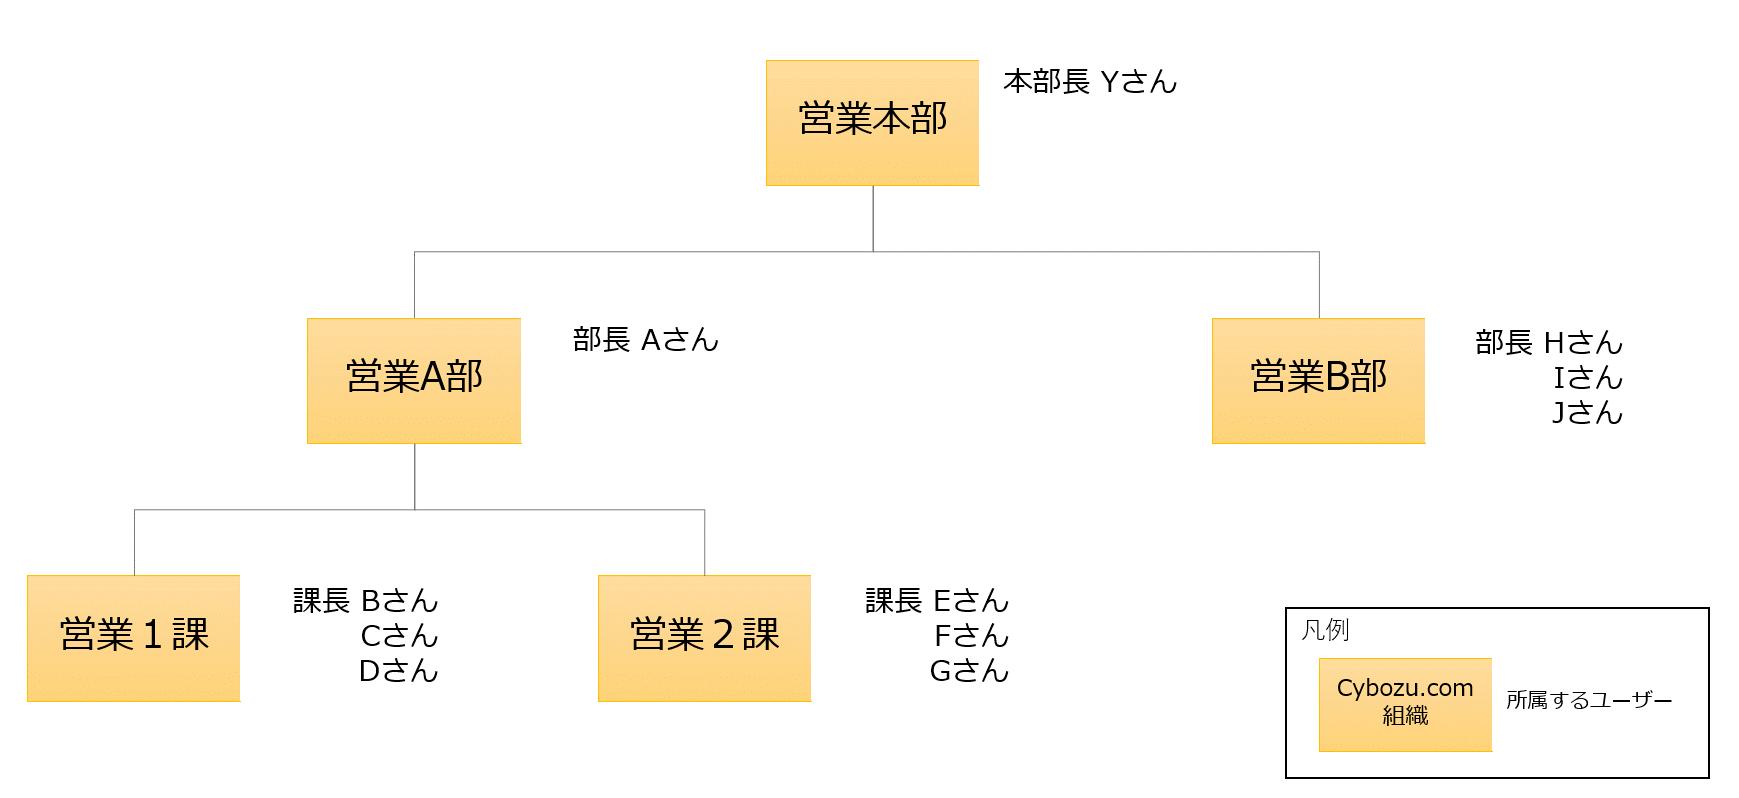 組織と役職と所属ユーザー